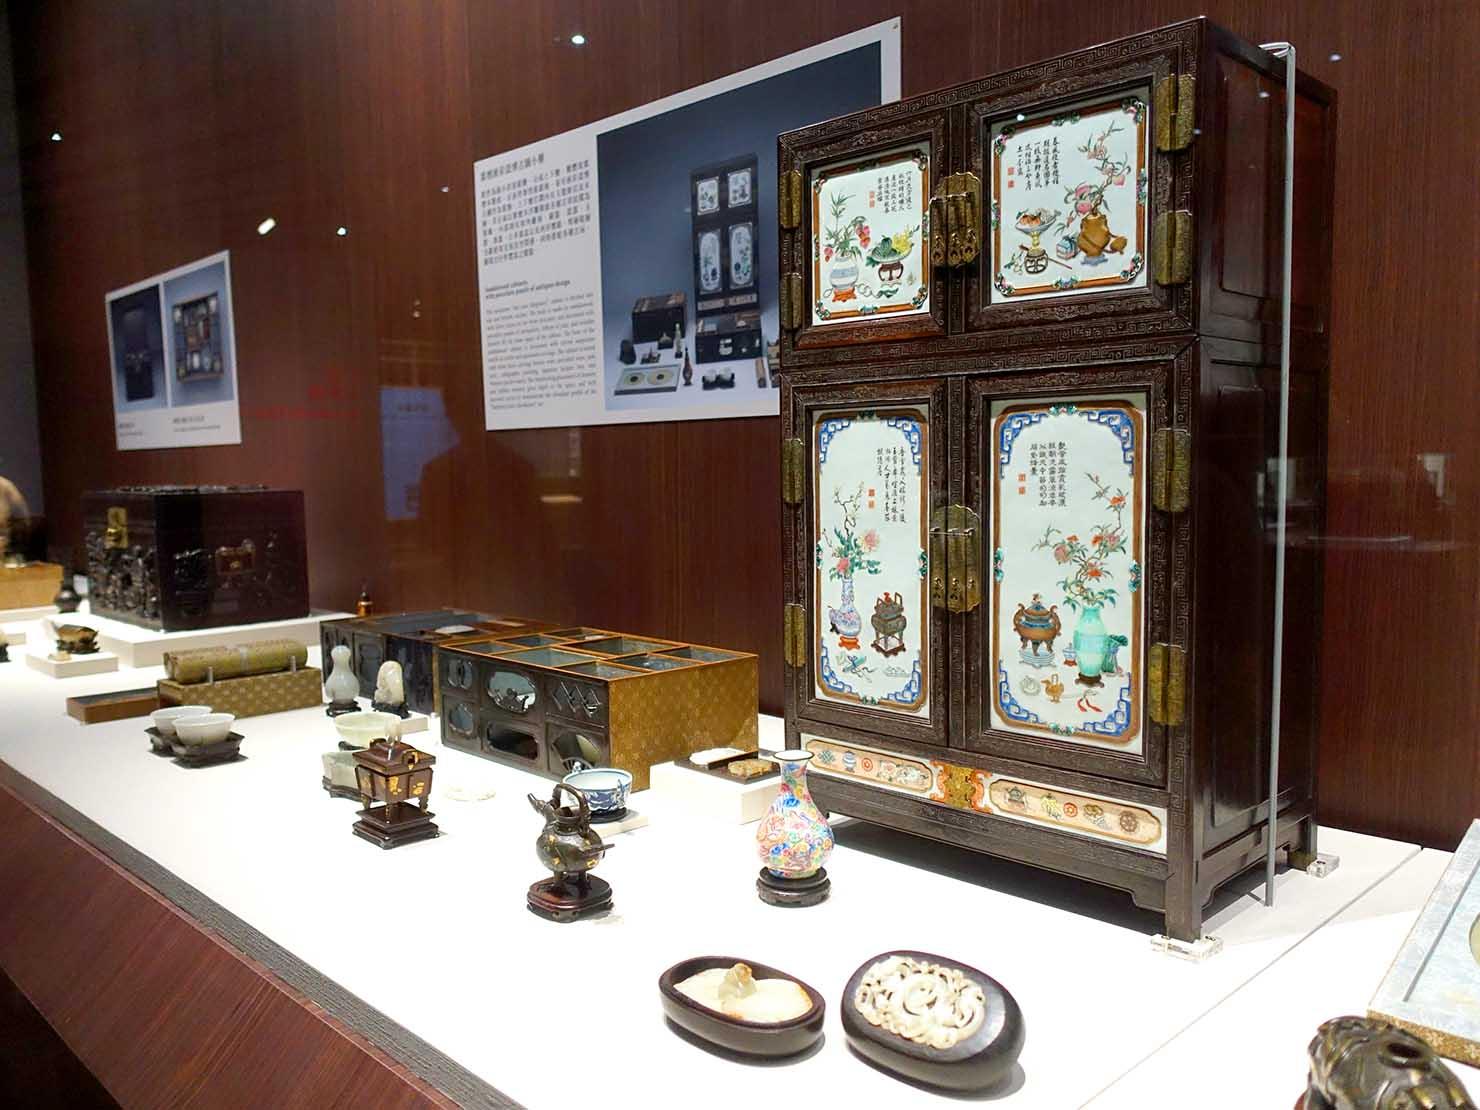 嘉義のおすすめ観光スポット「故宮南院」に展示された飾り棚